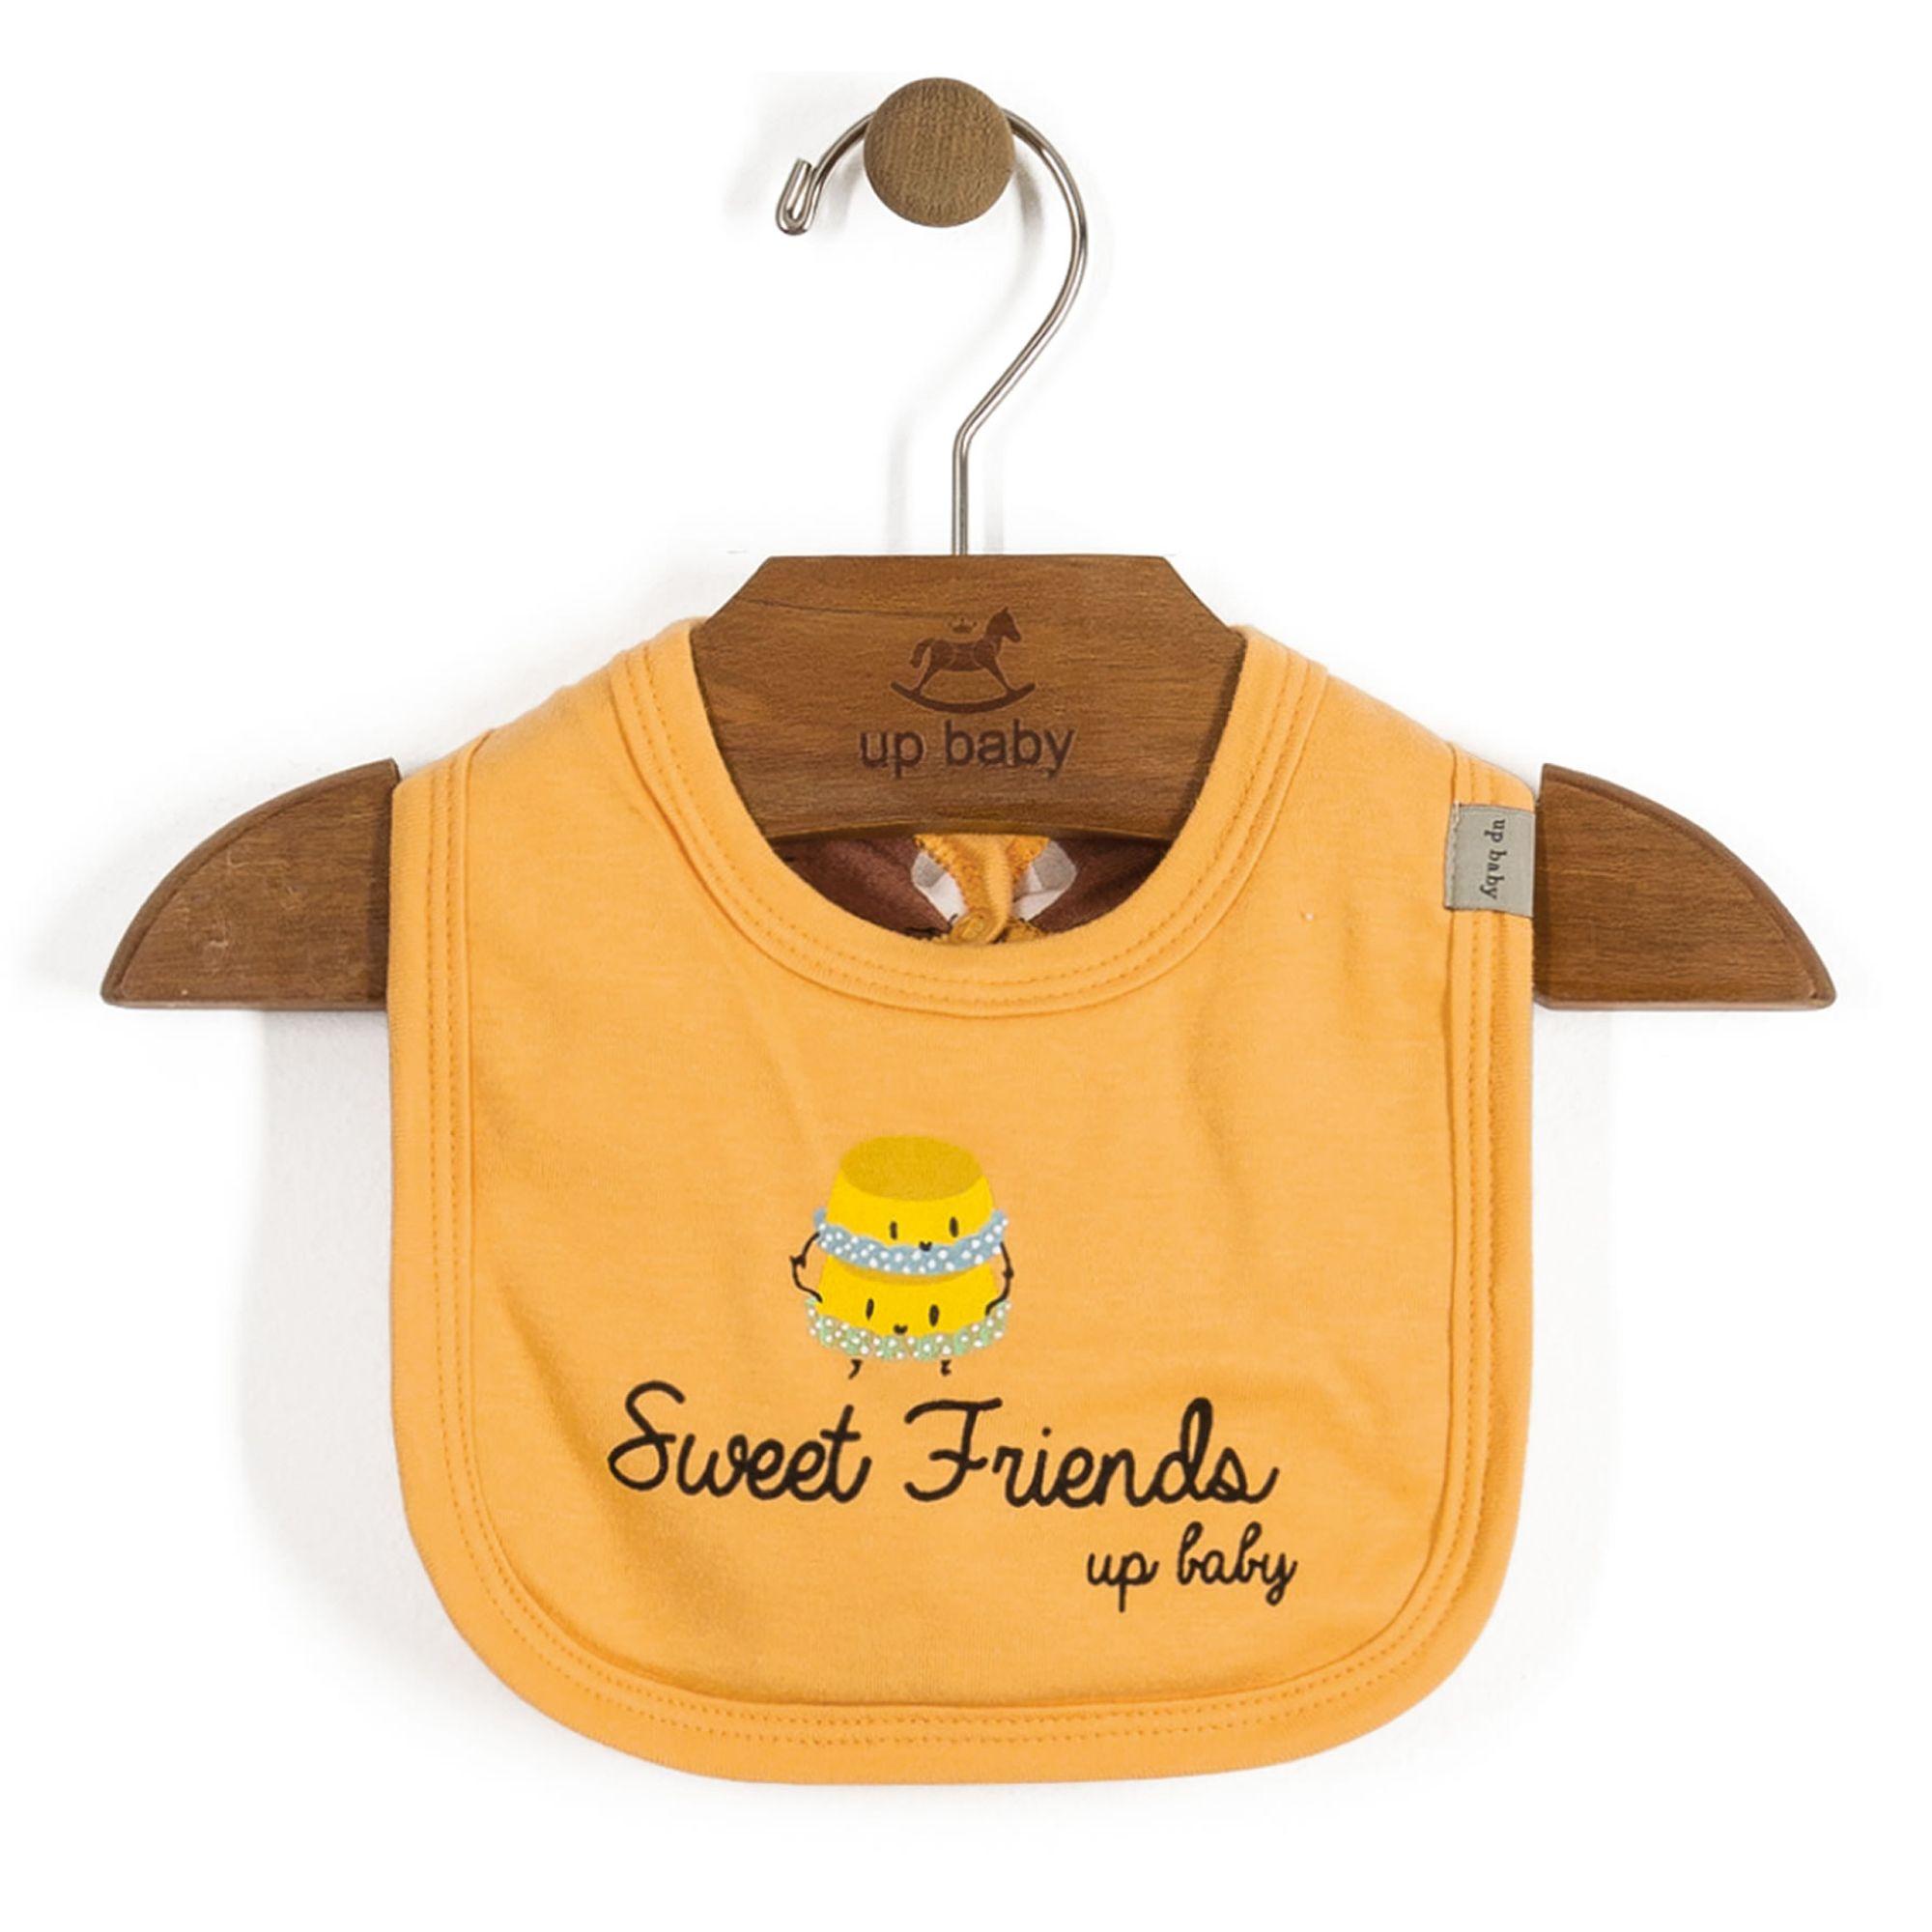 babador-up-baby-dupla-faze-suedine-amarelo-e-marrom